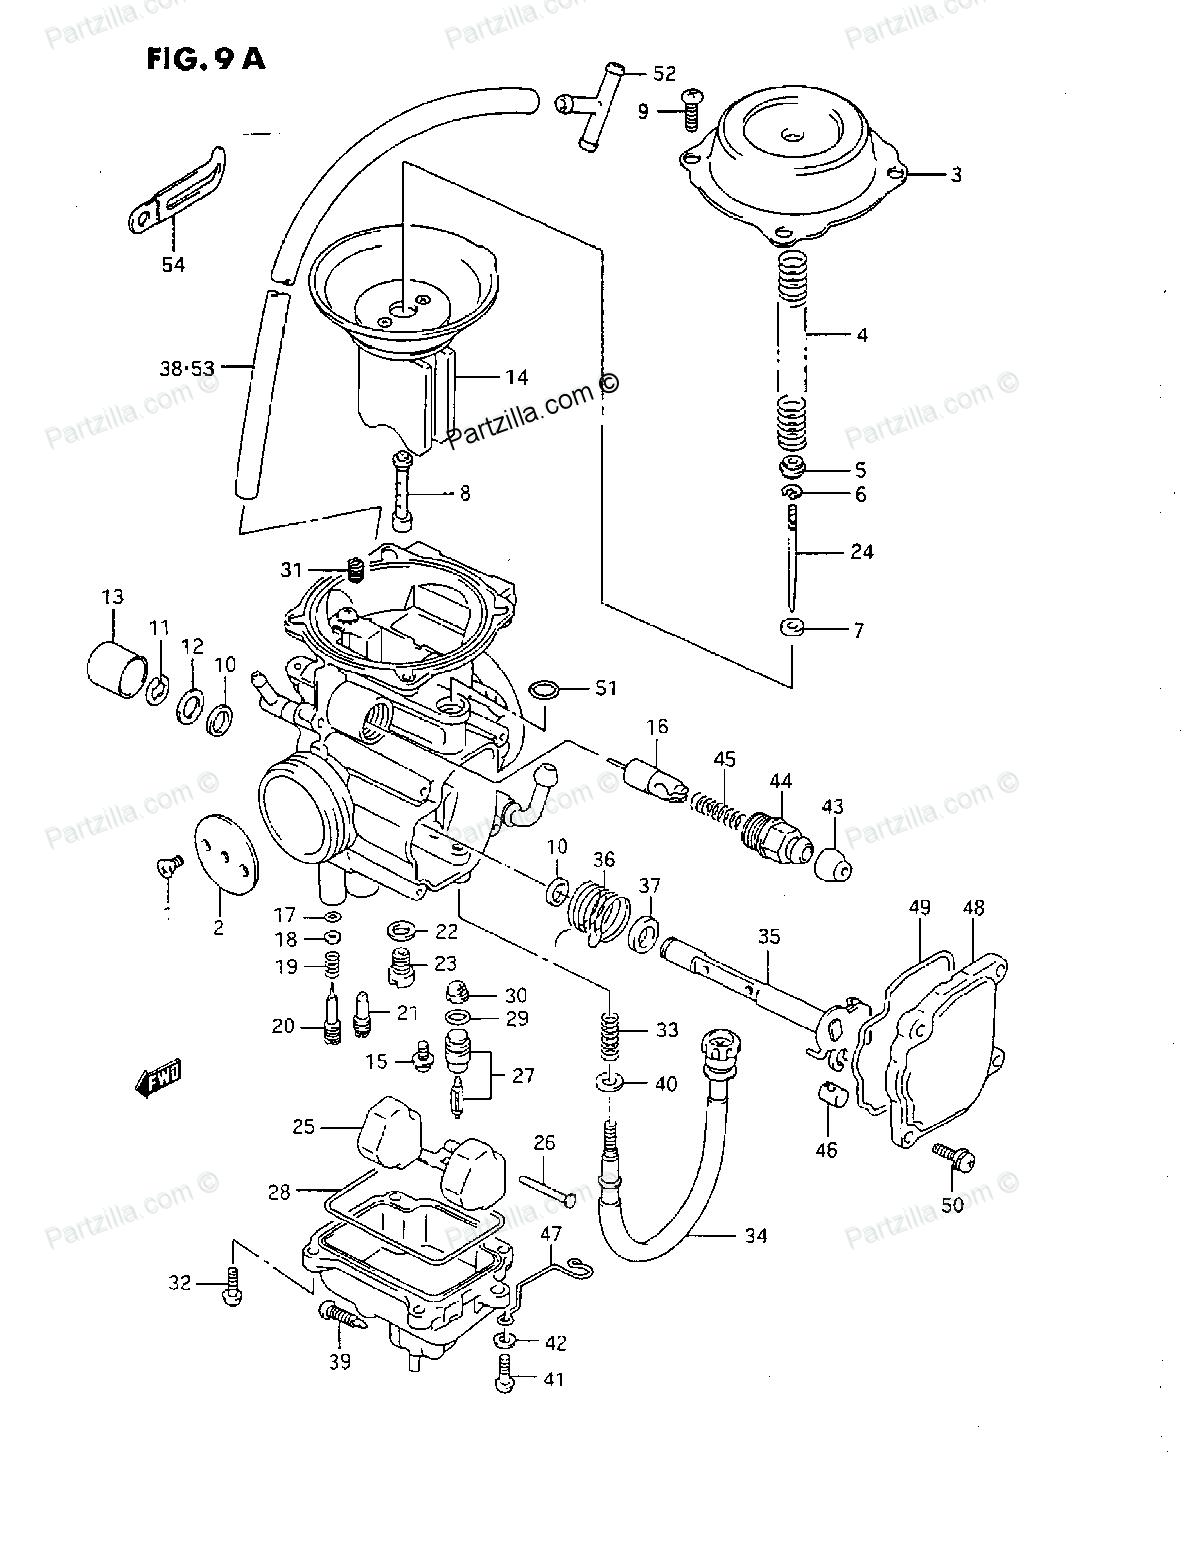 WK_4393] 2001 Suzuki Gsxr 1000 Wiring Diagram Download DiagramEpete Gue45 Mohammedshrine Librar Wiring 101